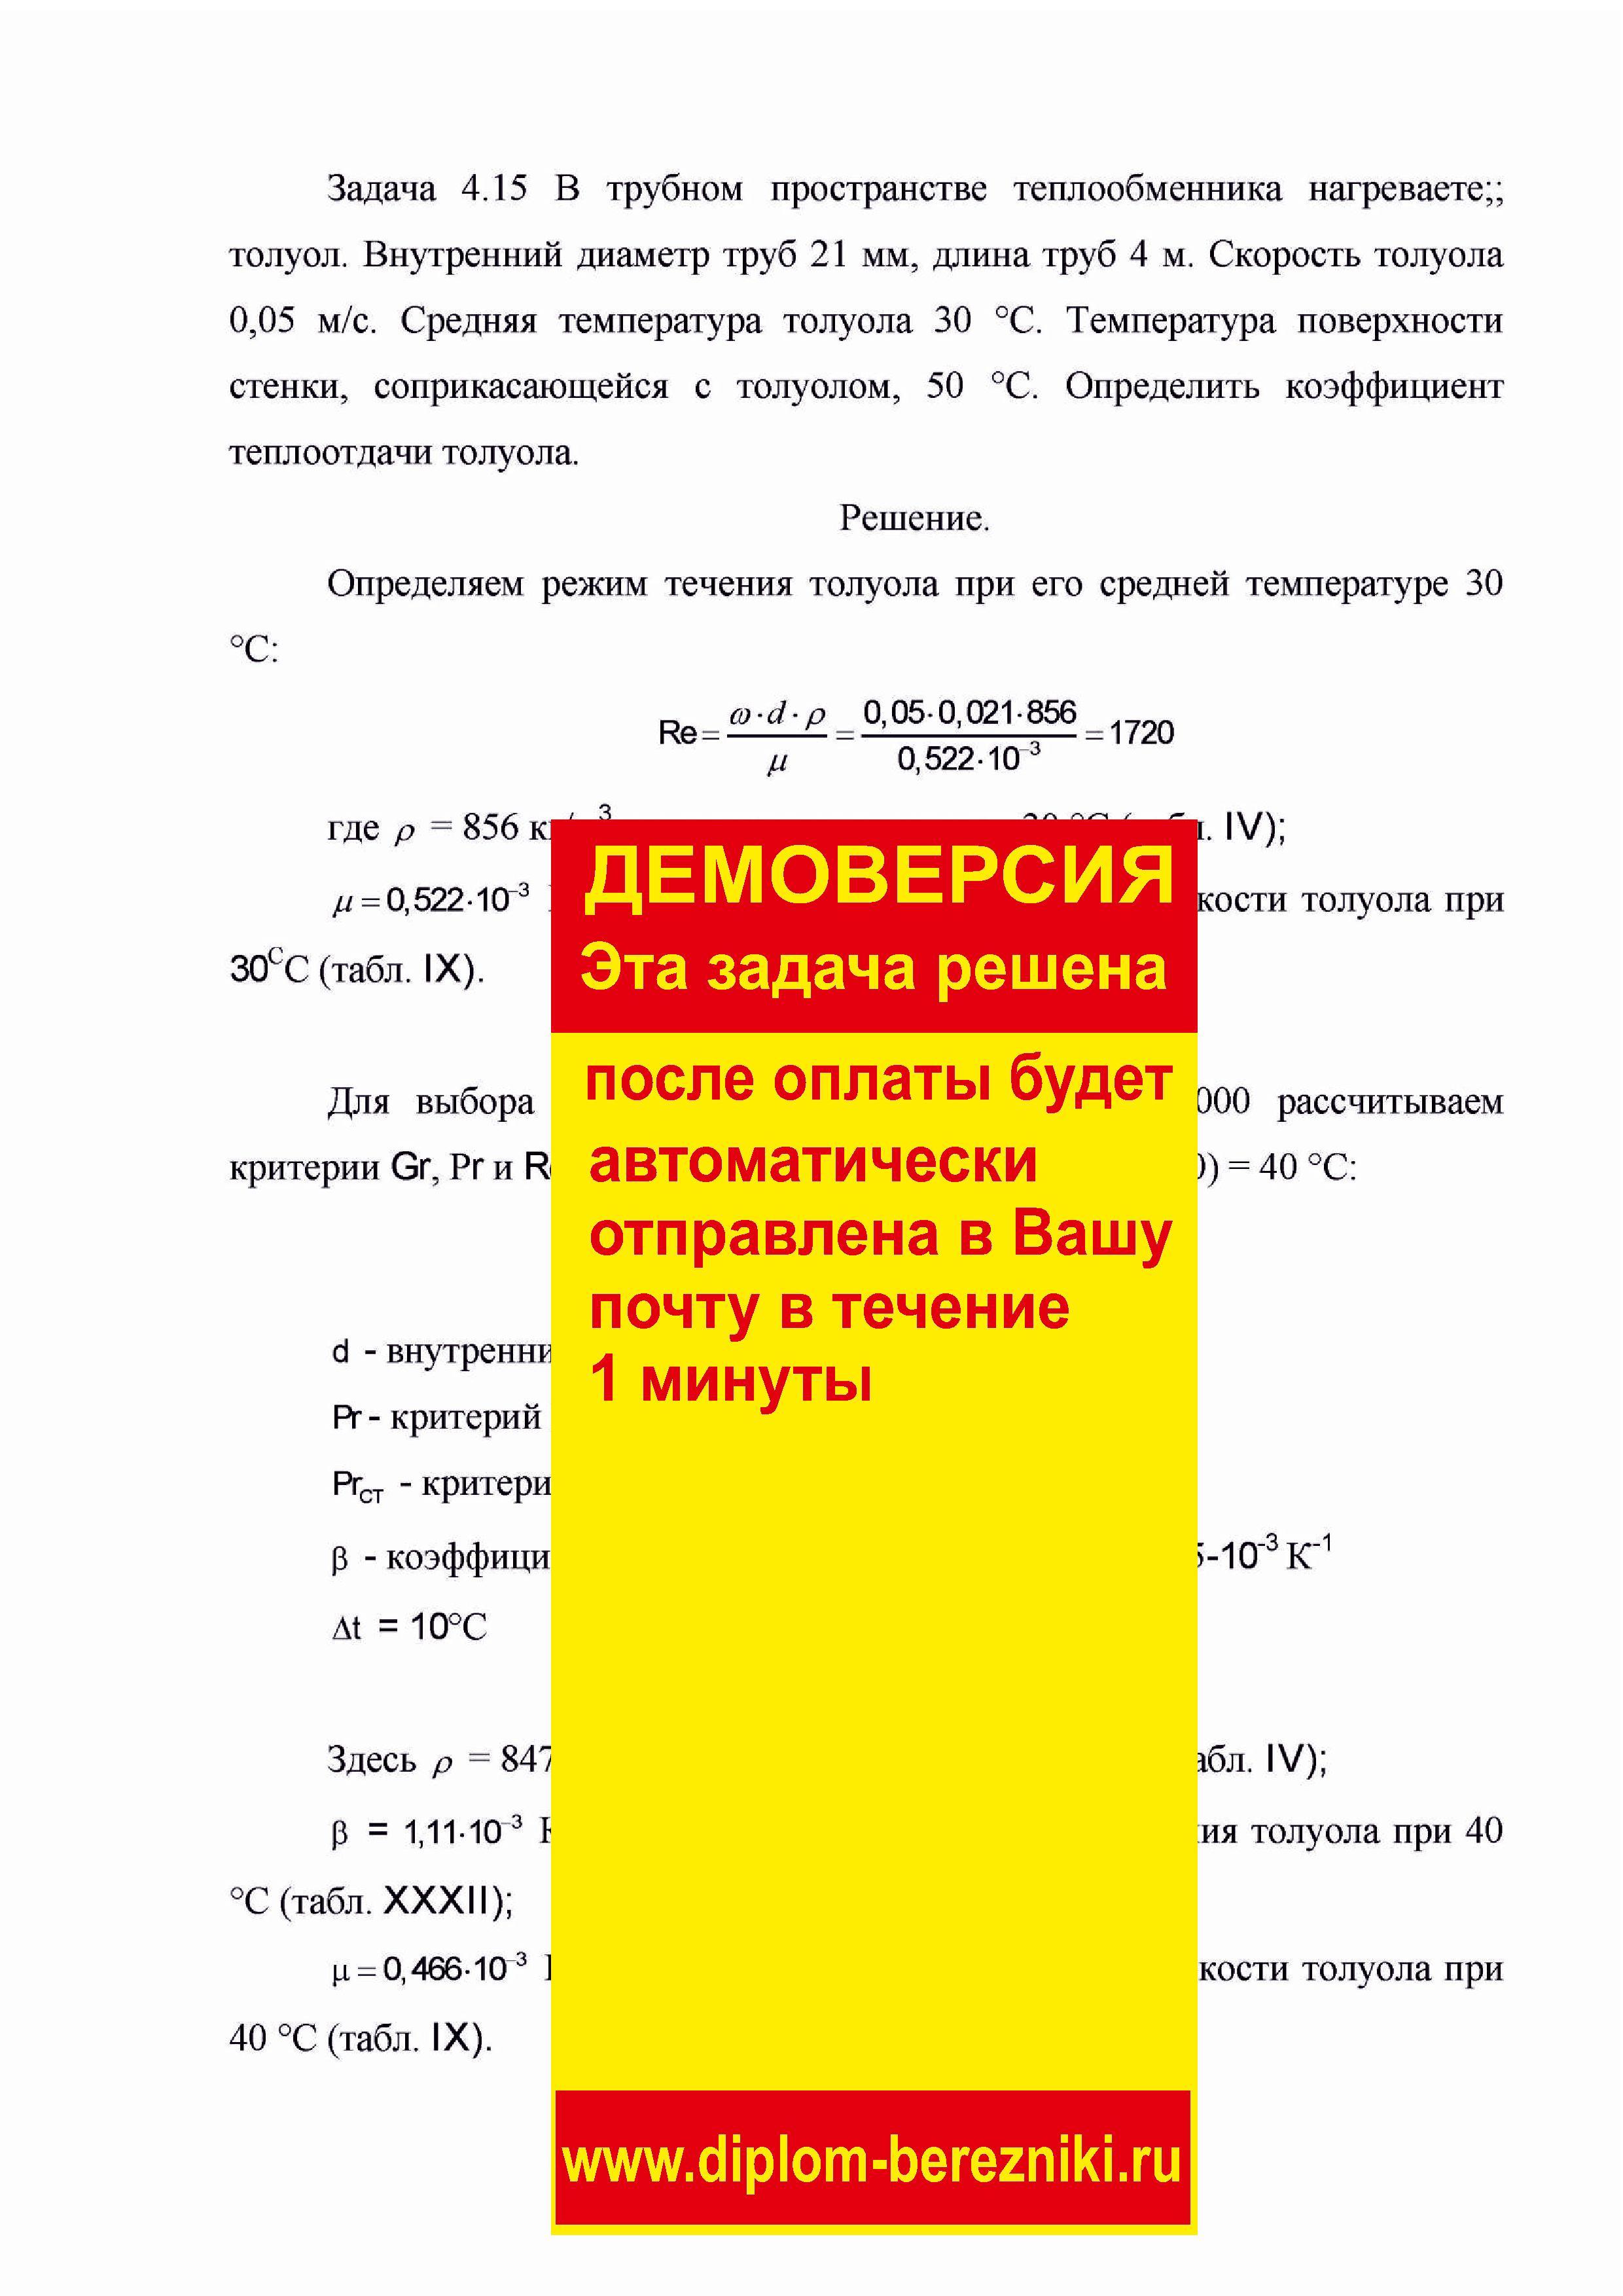 Решение задачи 4.15 по ПАХТ из задачника Павлова Романкова Носкова